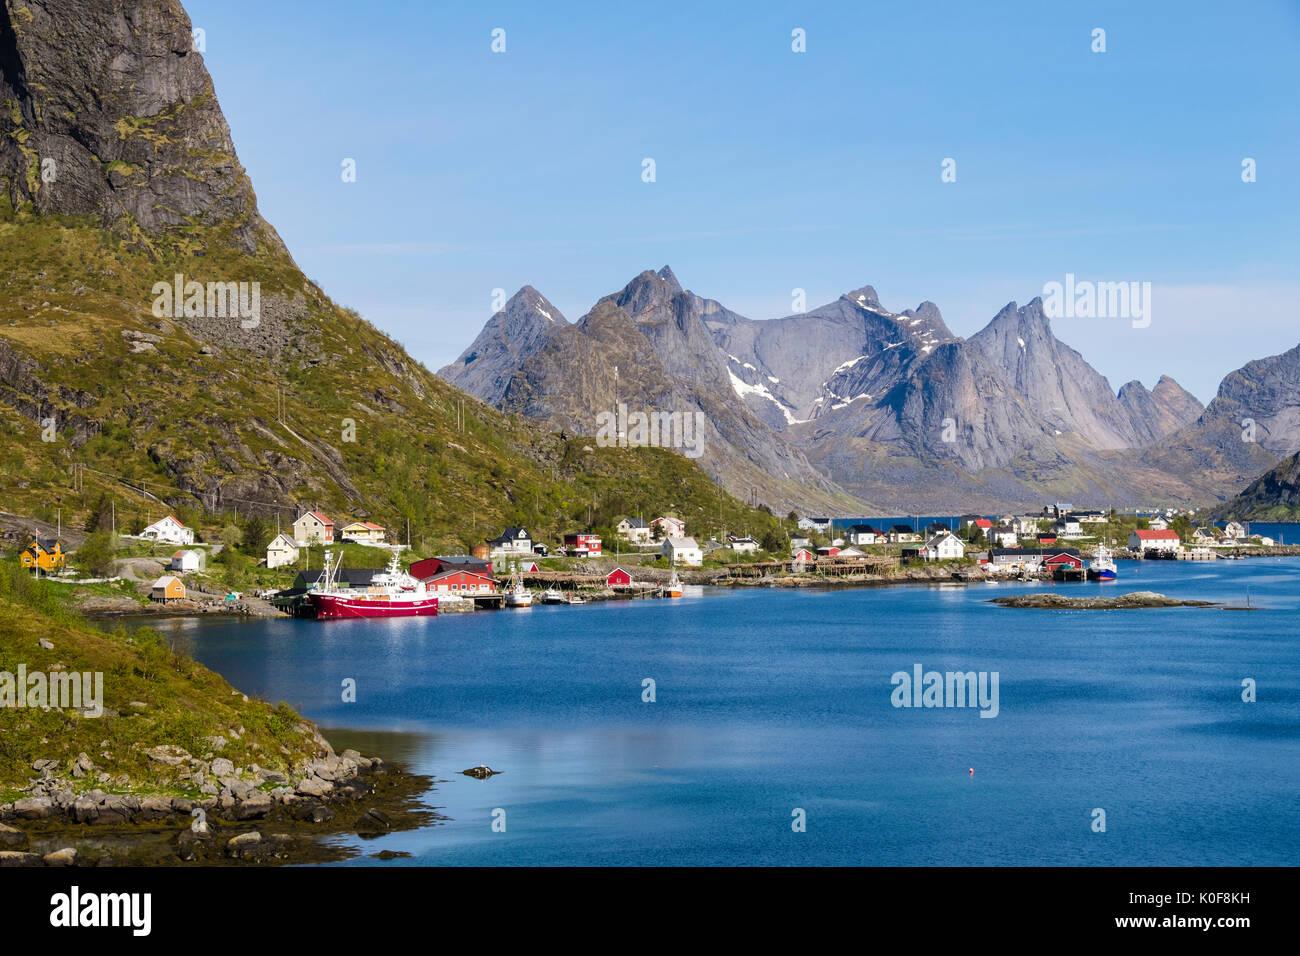 Blick über die natürliche Fischerhafen zu bergen. Reine, Moskenes, Insel Moskenesøya, Lofoten, Nordland, Norwegen, Skandinavien Stockbild